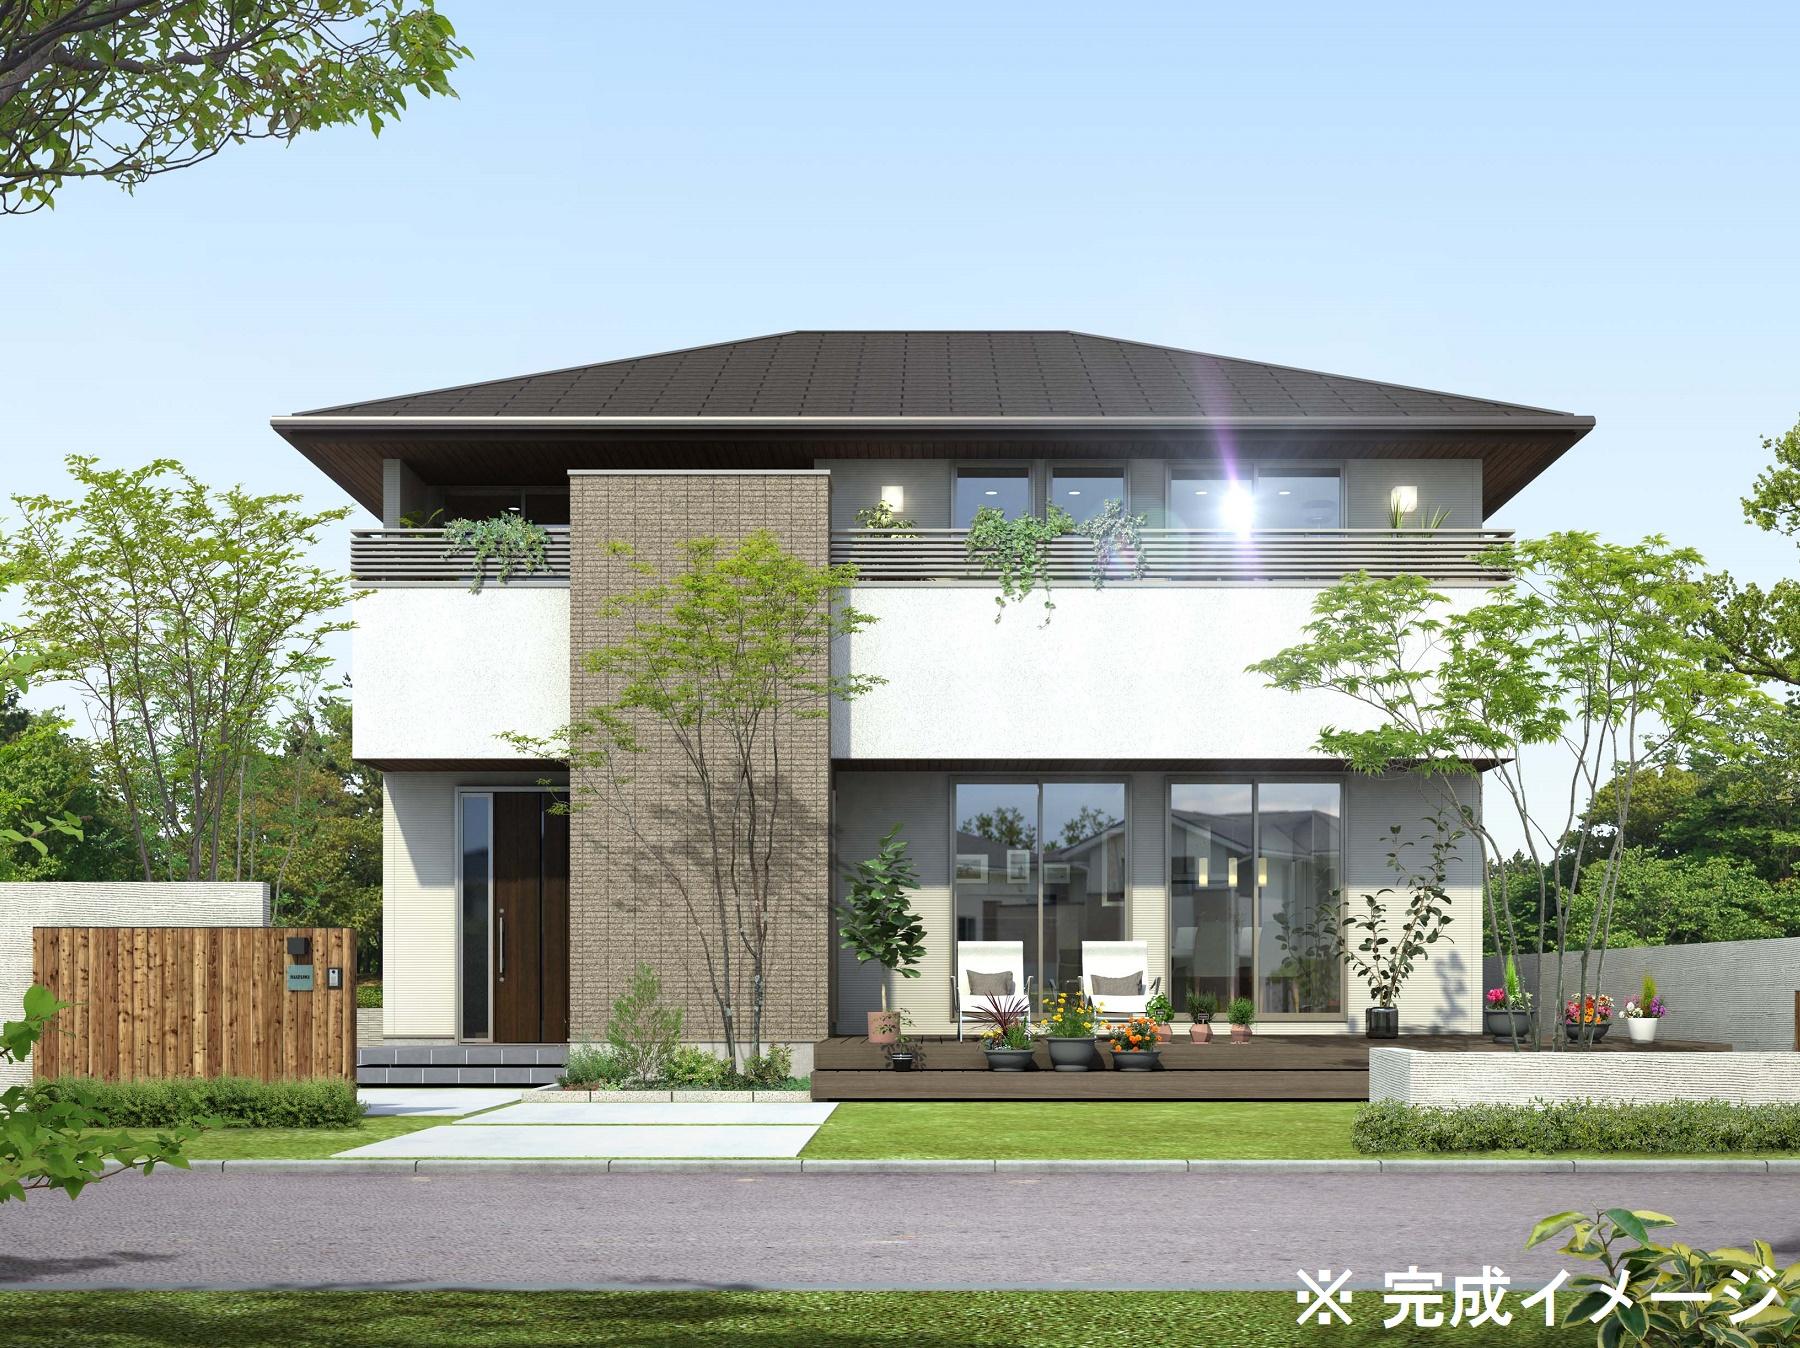 モデルハウス(住宅展示場)立川店